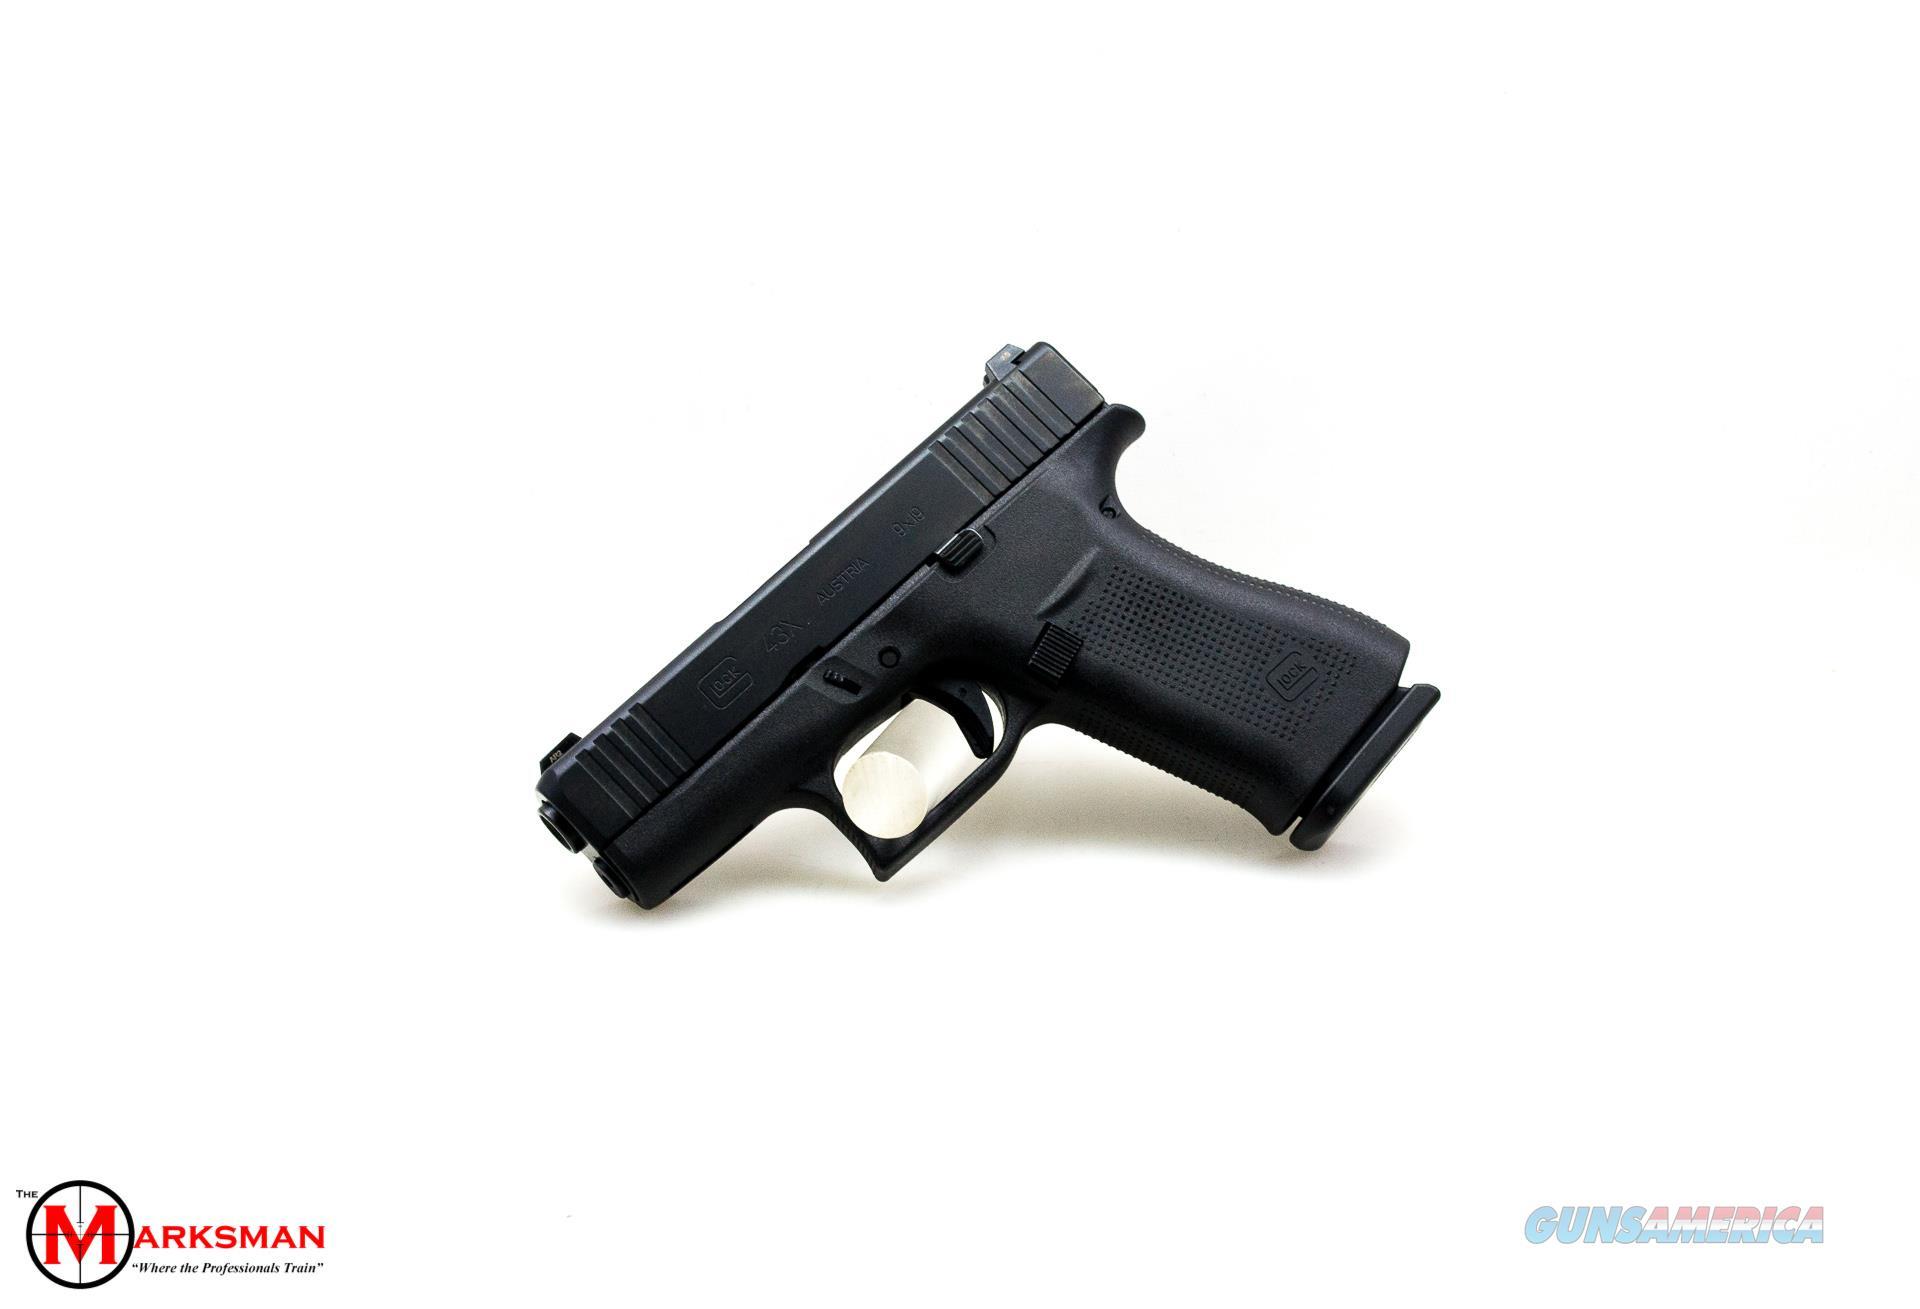 Glock 43X, 9mm, Tritium Night Sights NEW  Guns > Pistols > Glock Pistols > 43/43X